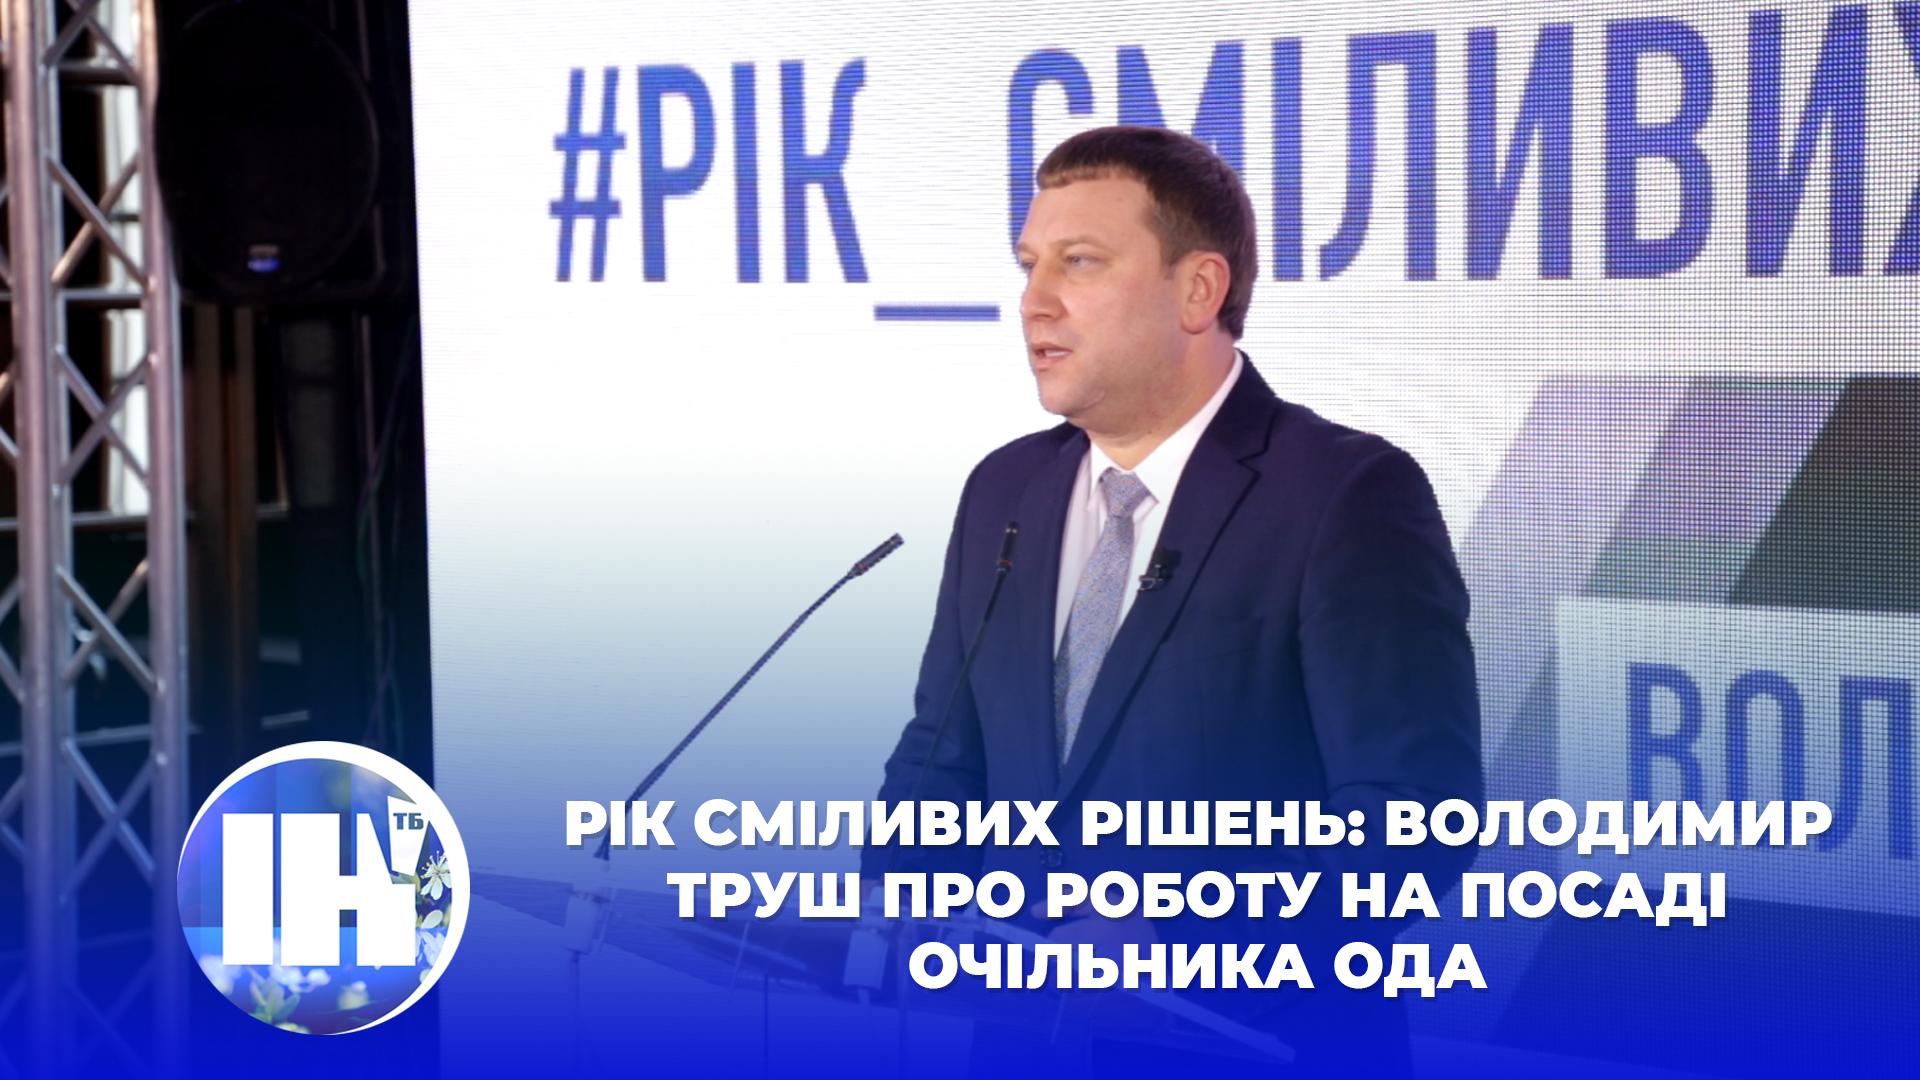 Рік сміливих рішень: Володимир Труш про роботу на посаді очільника ОДА